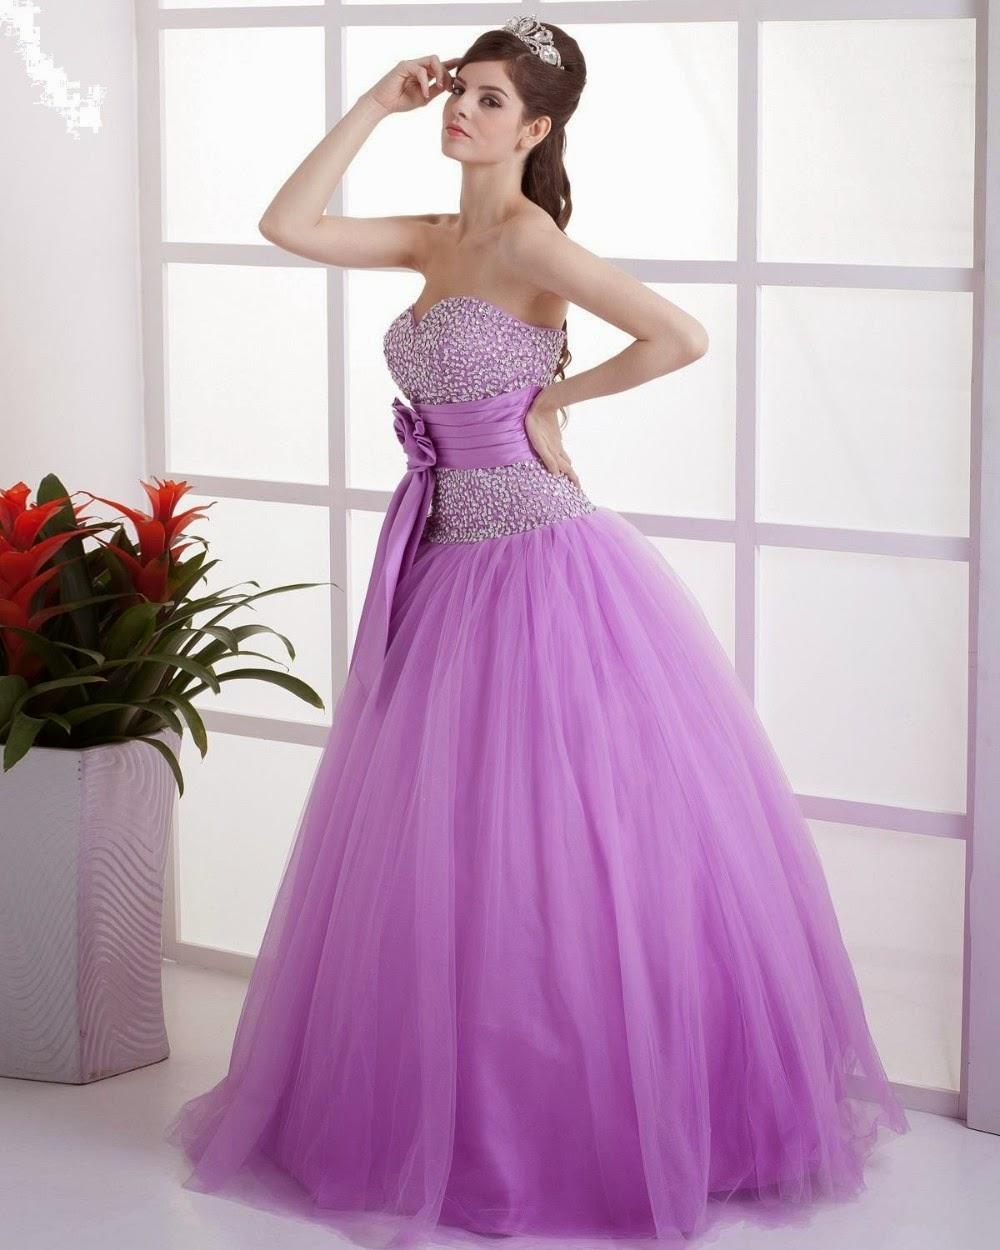 Moda y estilos: Vestidos color lila, morado, violeta.